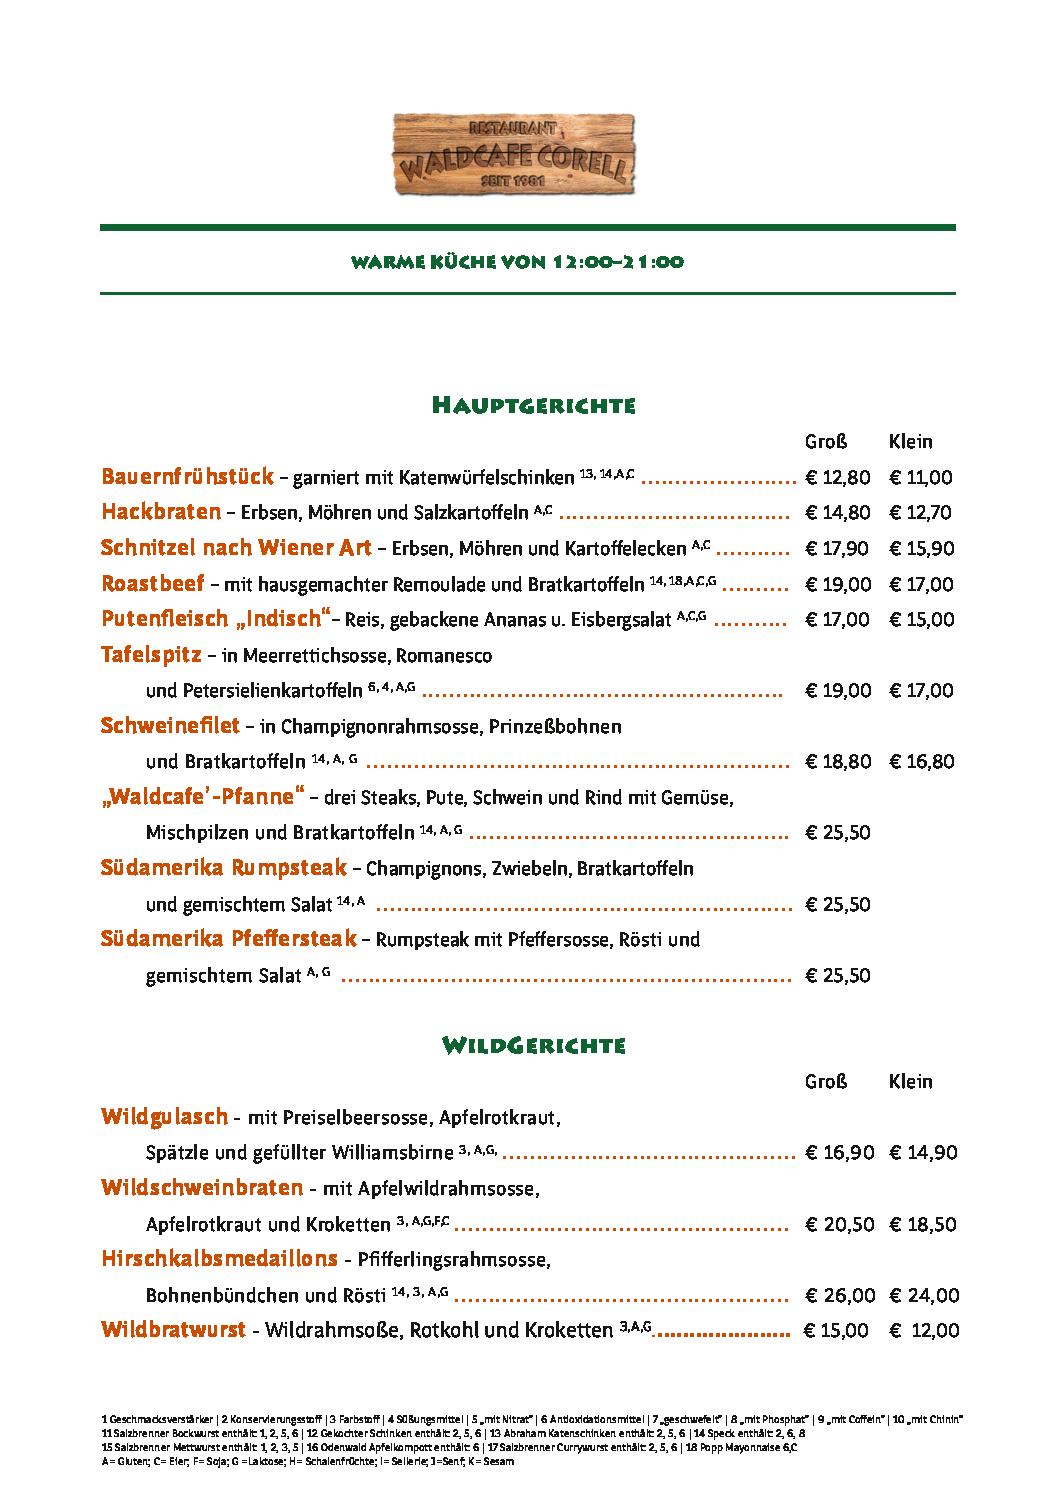 Waldcafe Corell, Speisekarte, Hauptgerichte, Wildgerichte